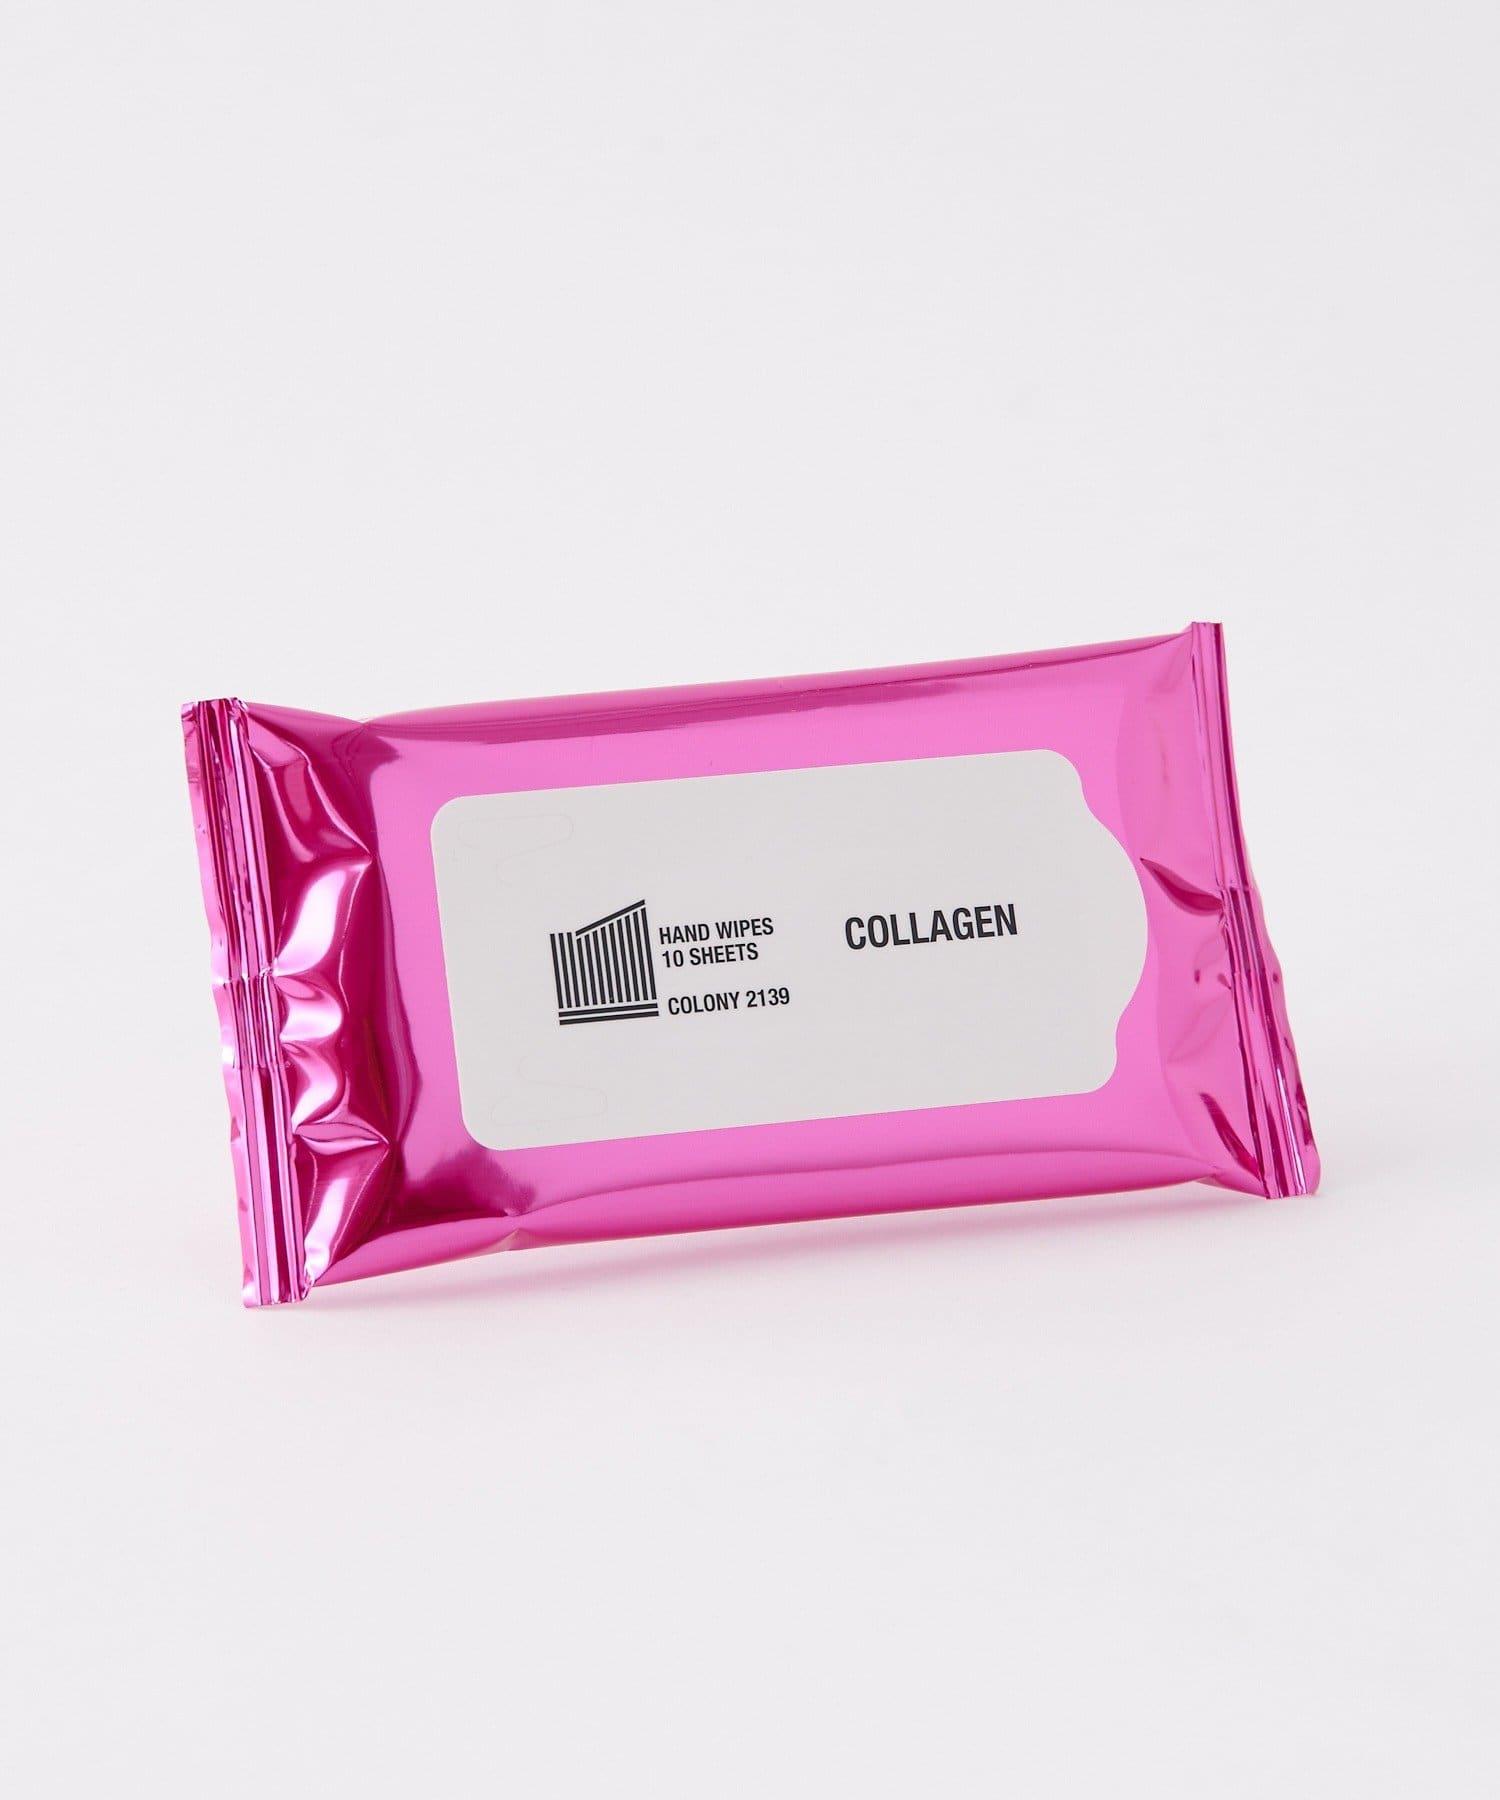 COLONY 2139(コロニー トゥーワンスリーナイン) ライフスタイル コラーゲン配合ウェットティッシュ カラーなし